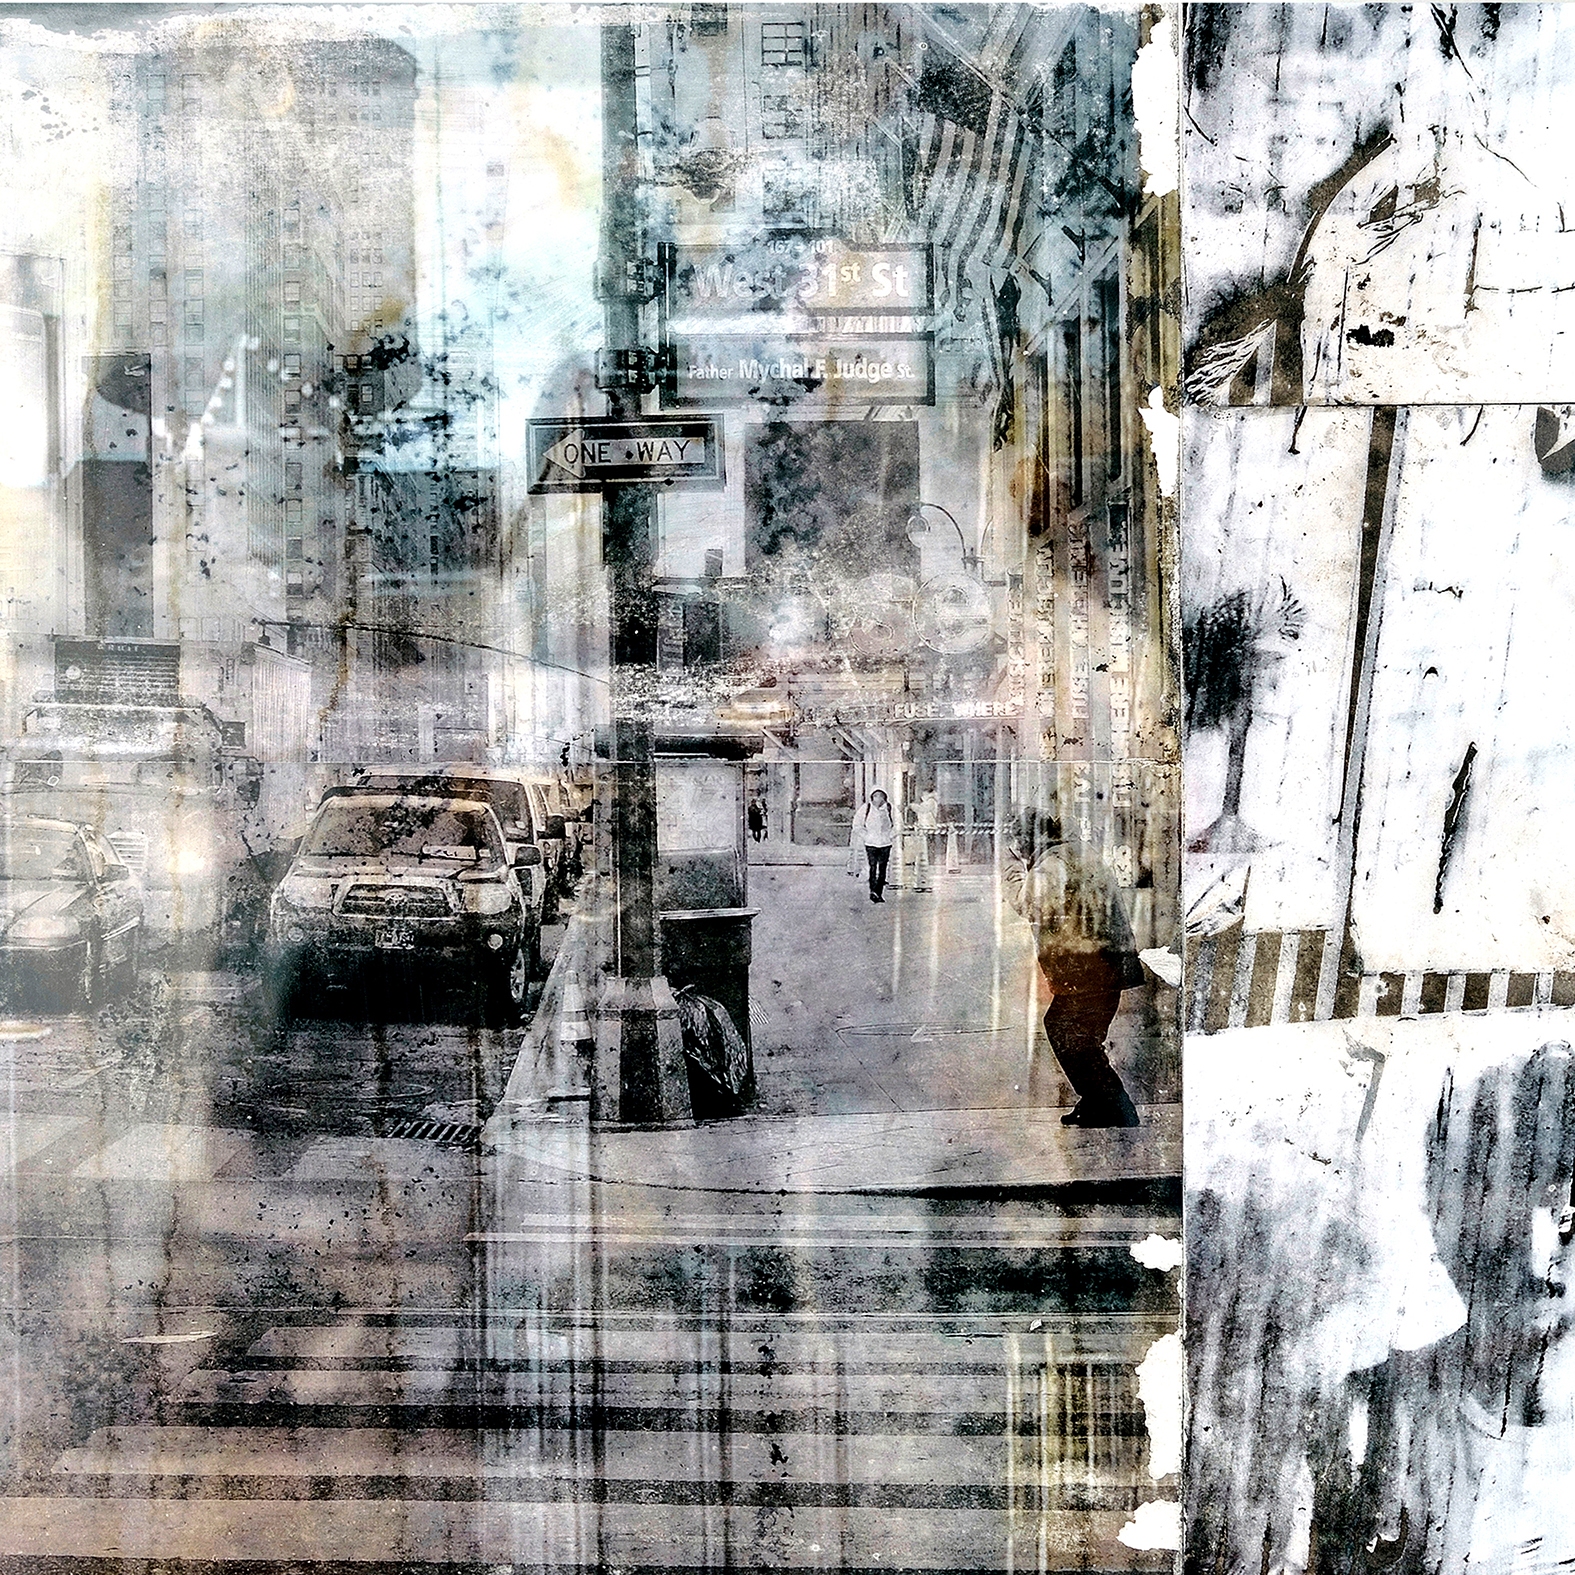 NYC • Fotografie, Öl auf Leinwand • 120 x 120 cm